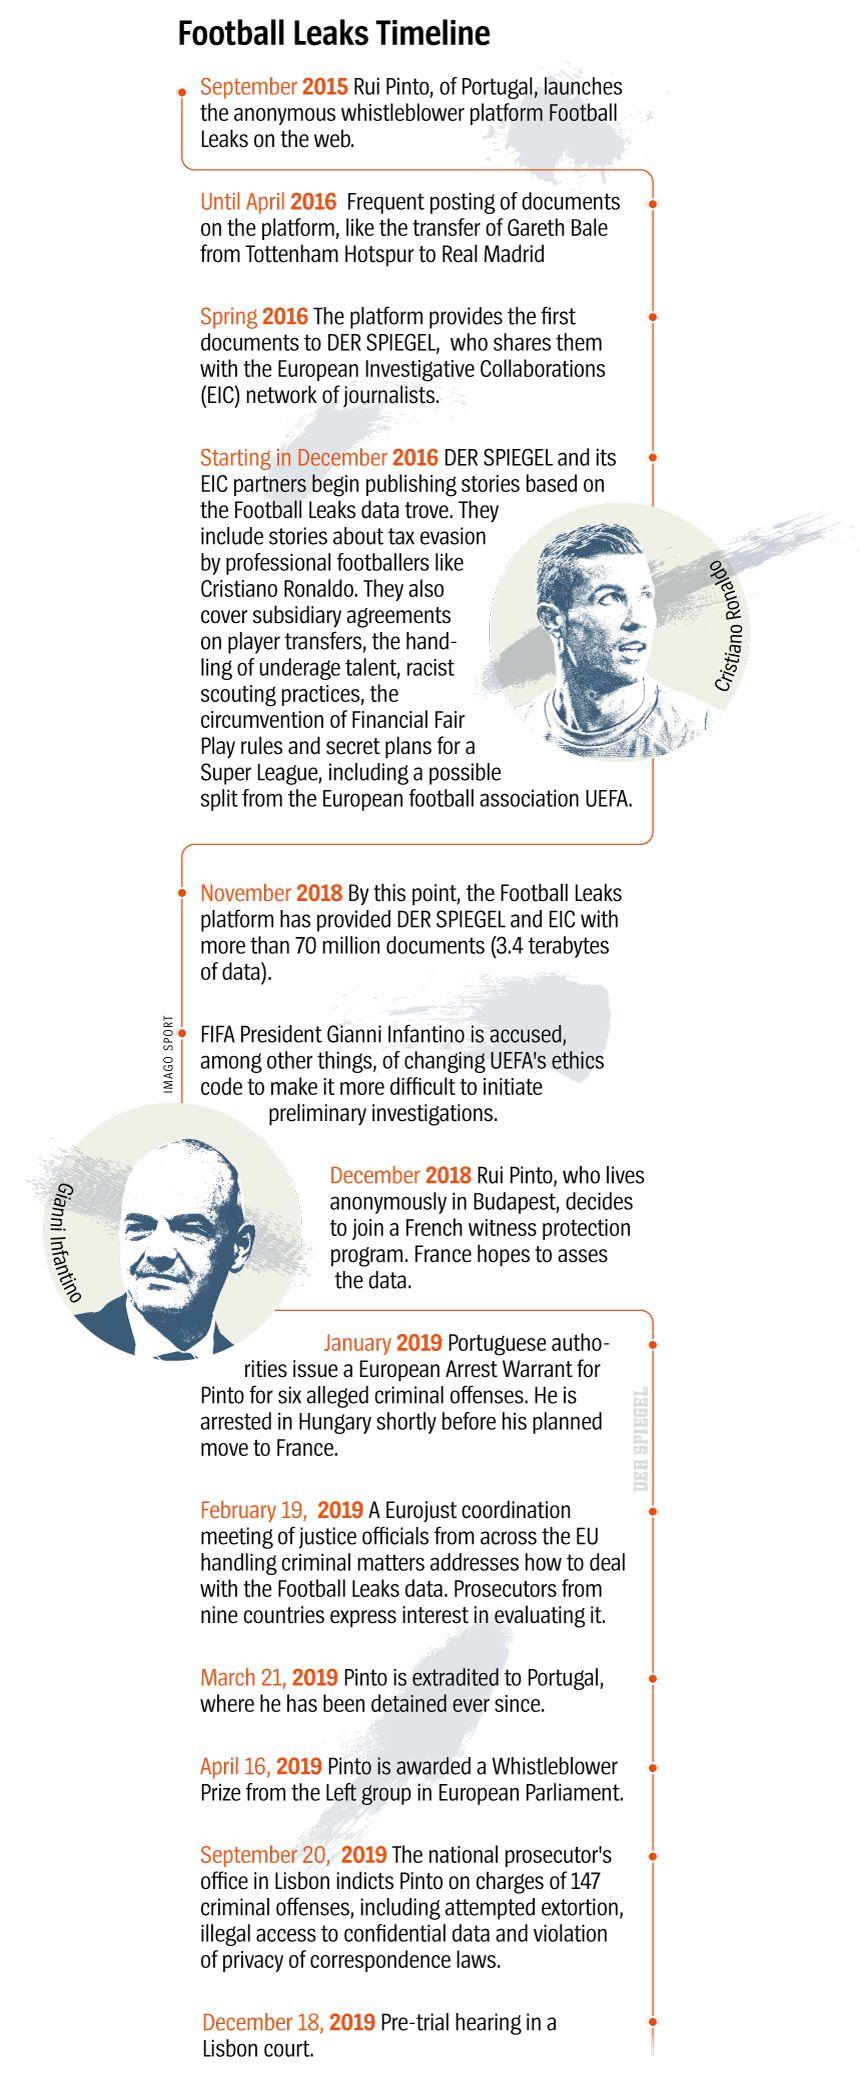 Grafik International Timeline Football Leaks